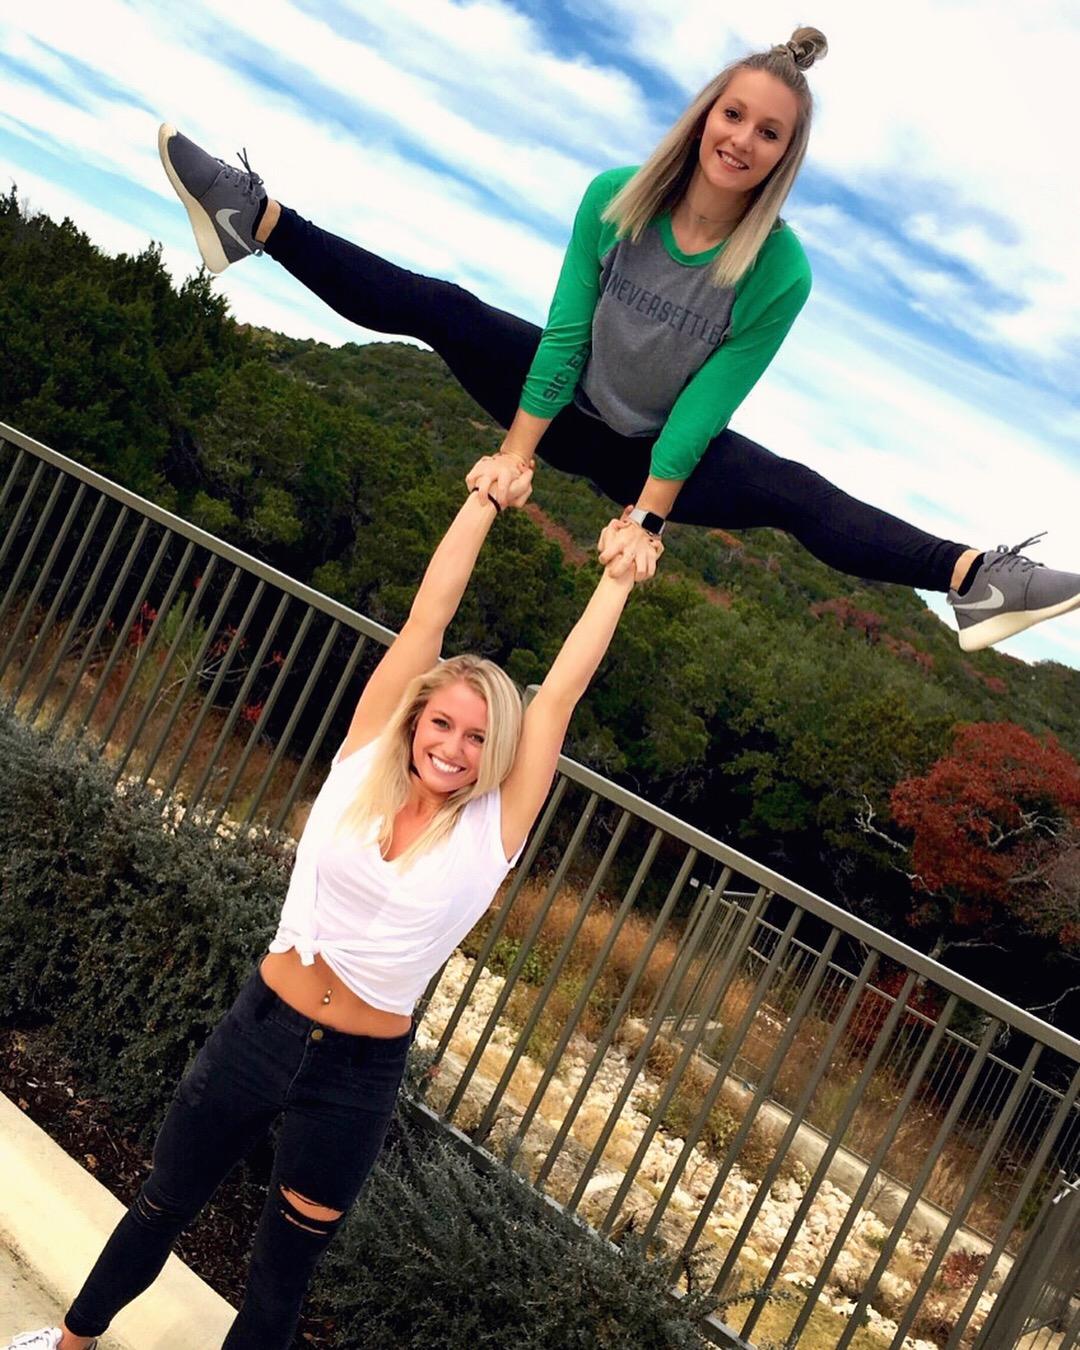 Allie Kaylee hand to hand straddle stunt 2017